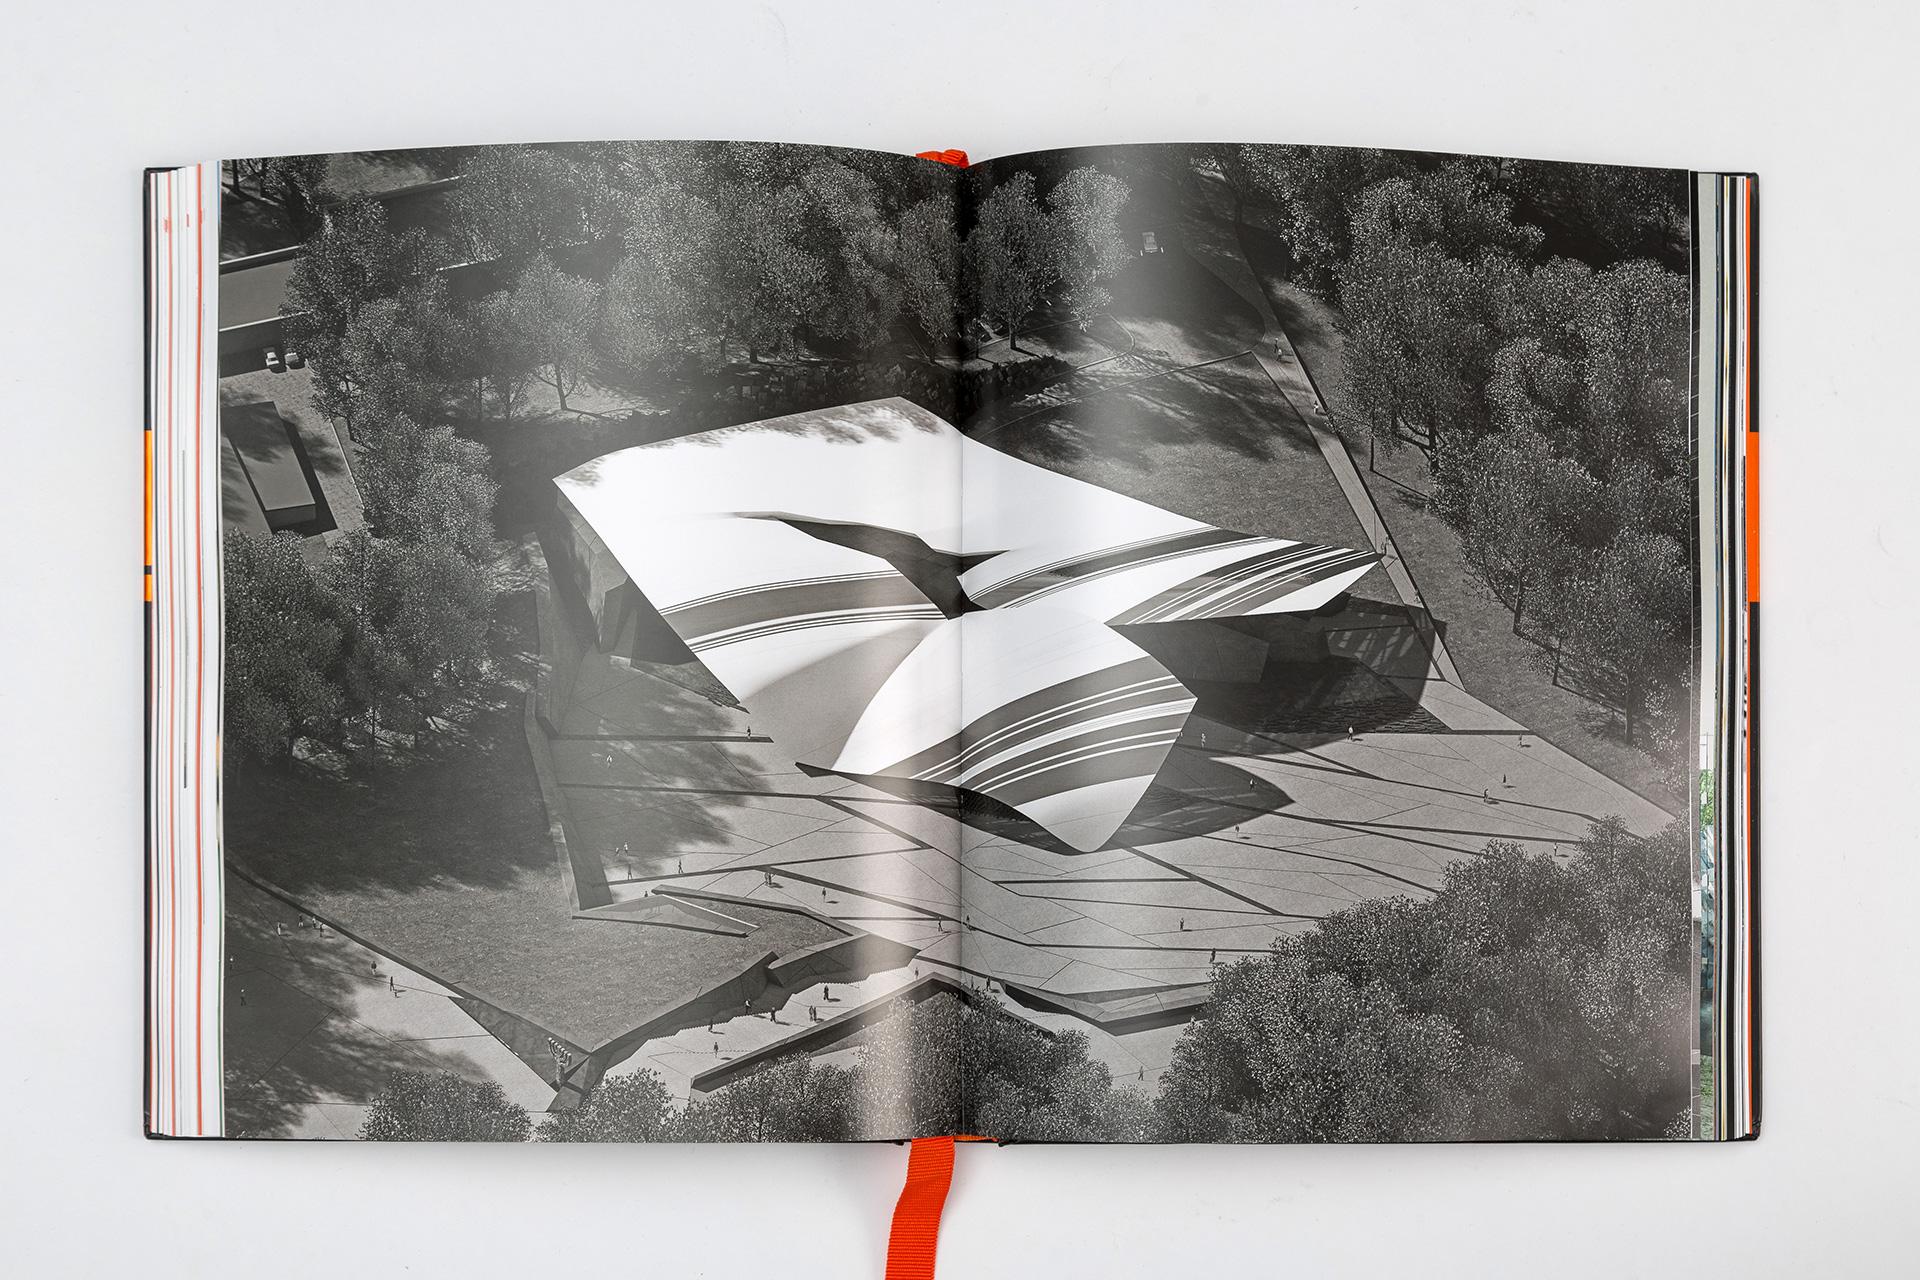 Asgard Branding, юбилейный альбом, дизайн разворота издания, печатные издания, дизайн книги, Михаил Рева